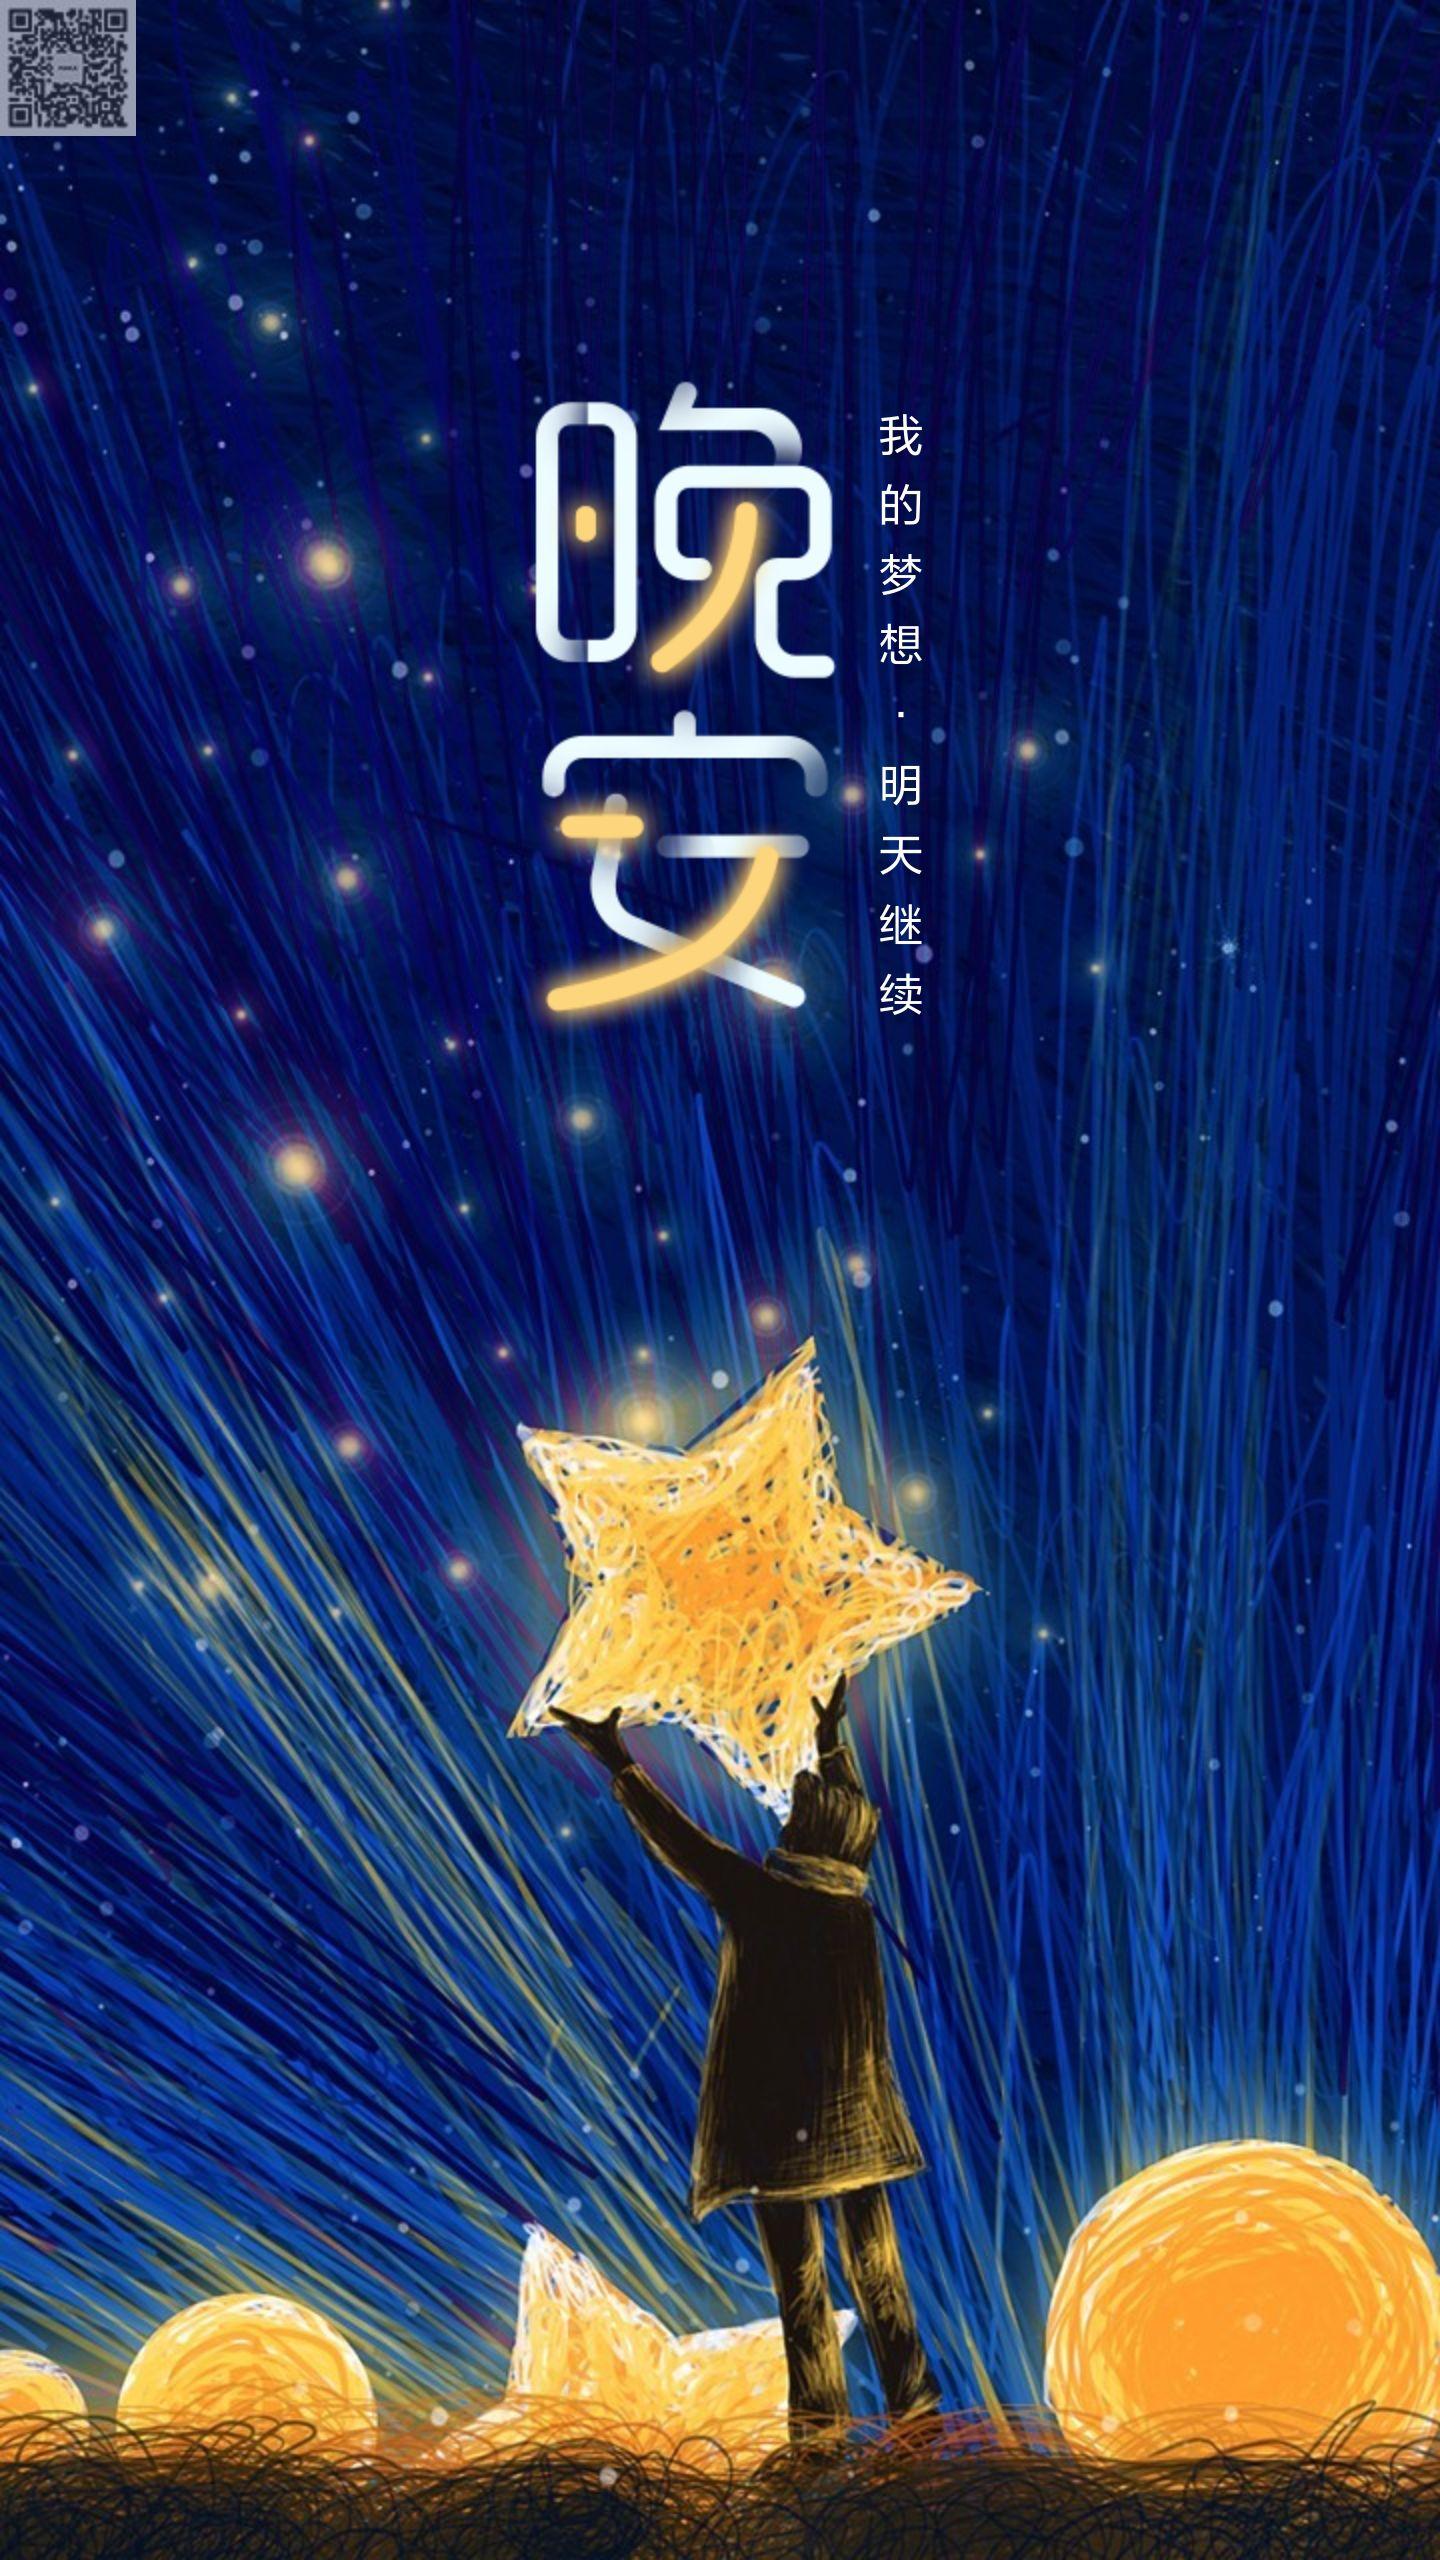 晚安,我的梦想·明天继续 梦幻童话日签心情加油打气朋友圈社交媒体配图海报